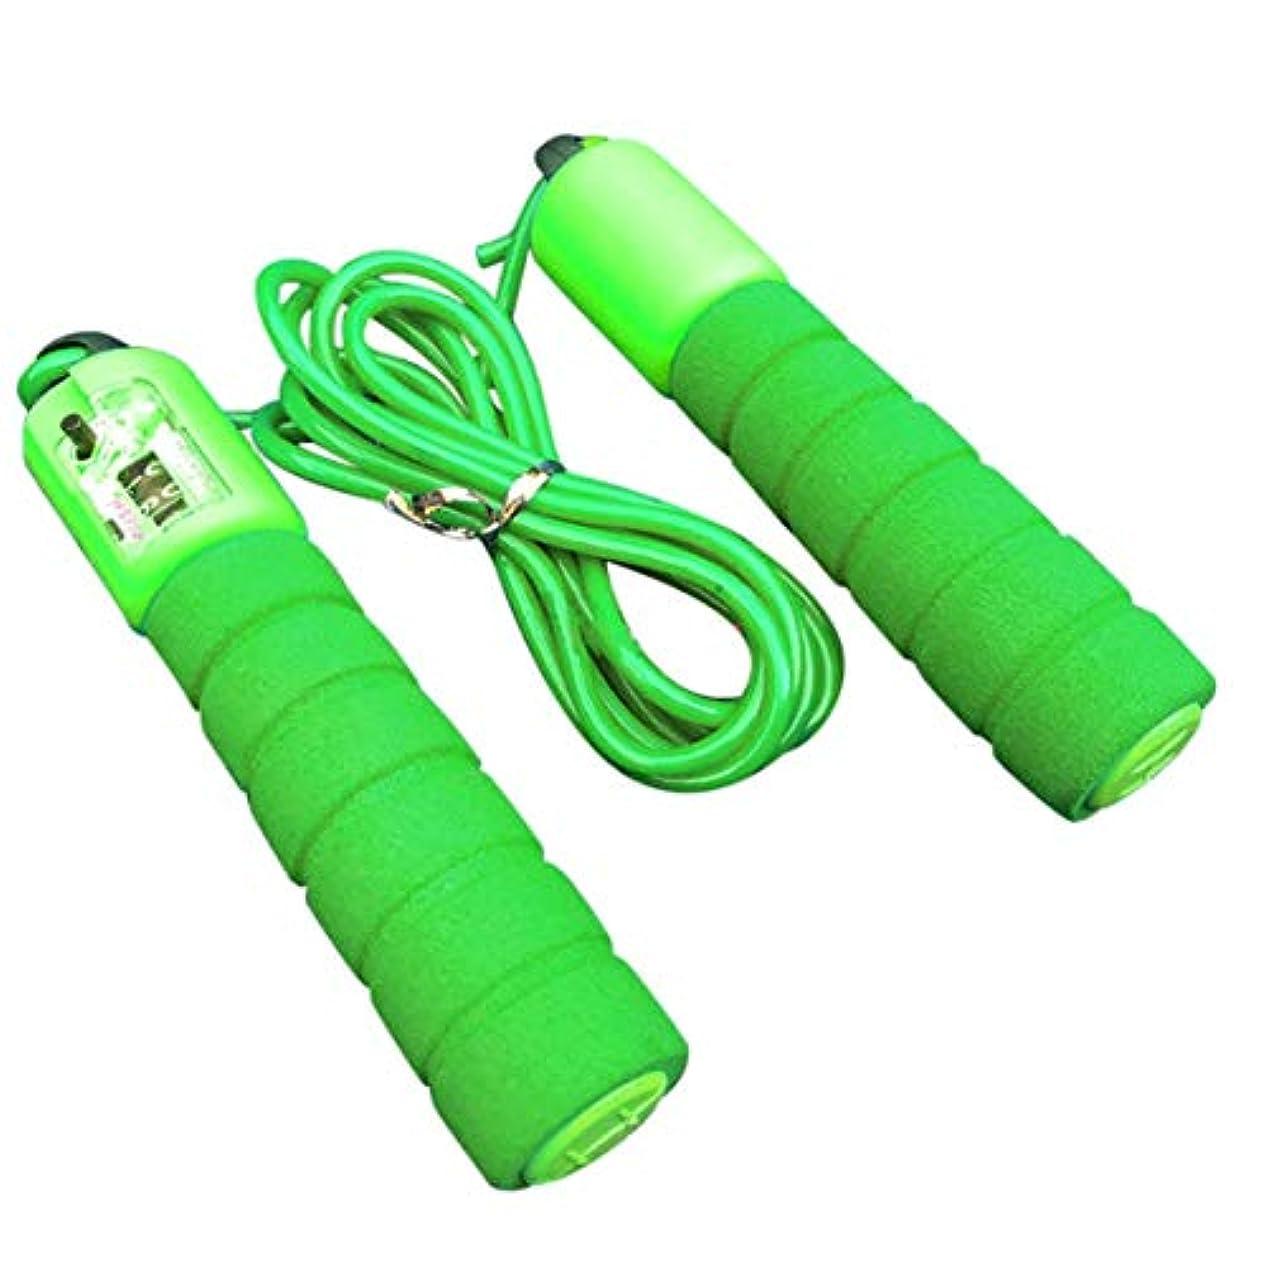 容量ボア無視調節可能なプロフェッショナルカウント縄跳び自動カウントジャンプロープフィットネス運動高速カウントジャンプロープ - グリーン